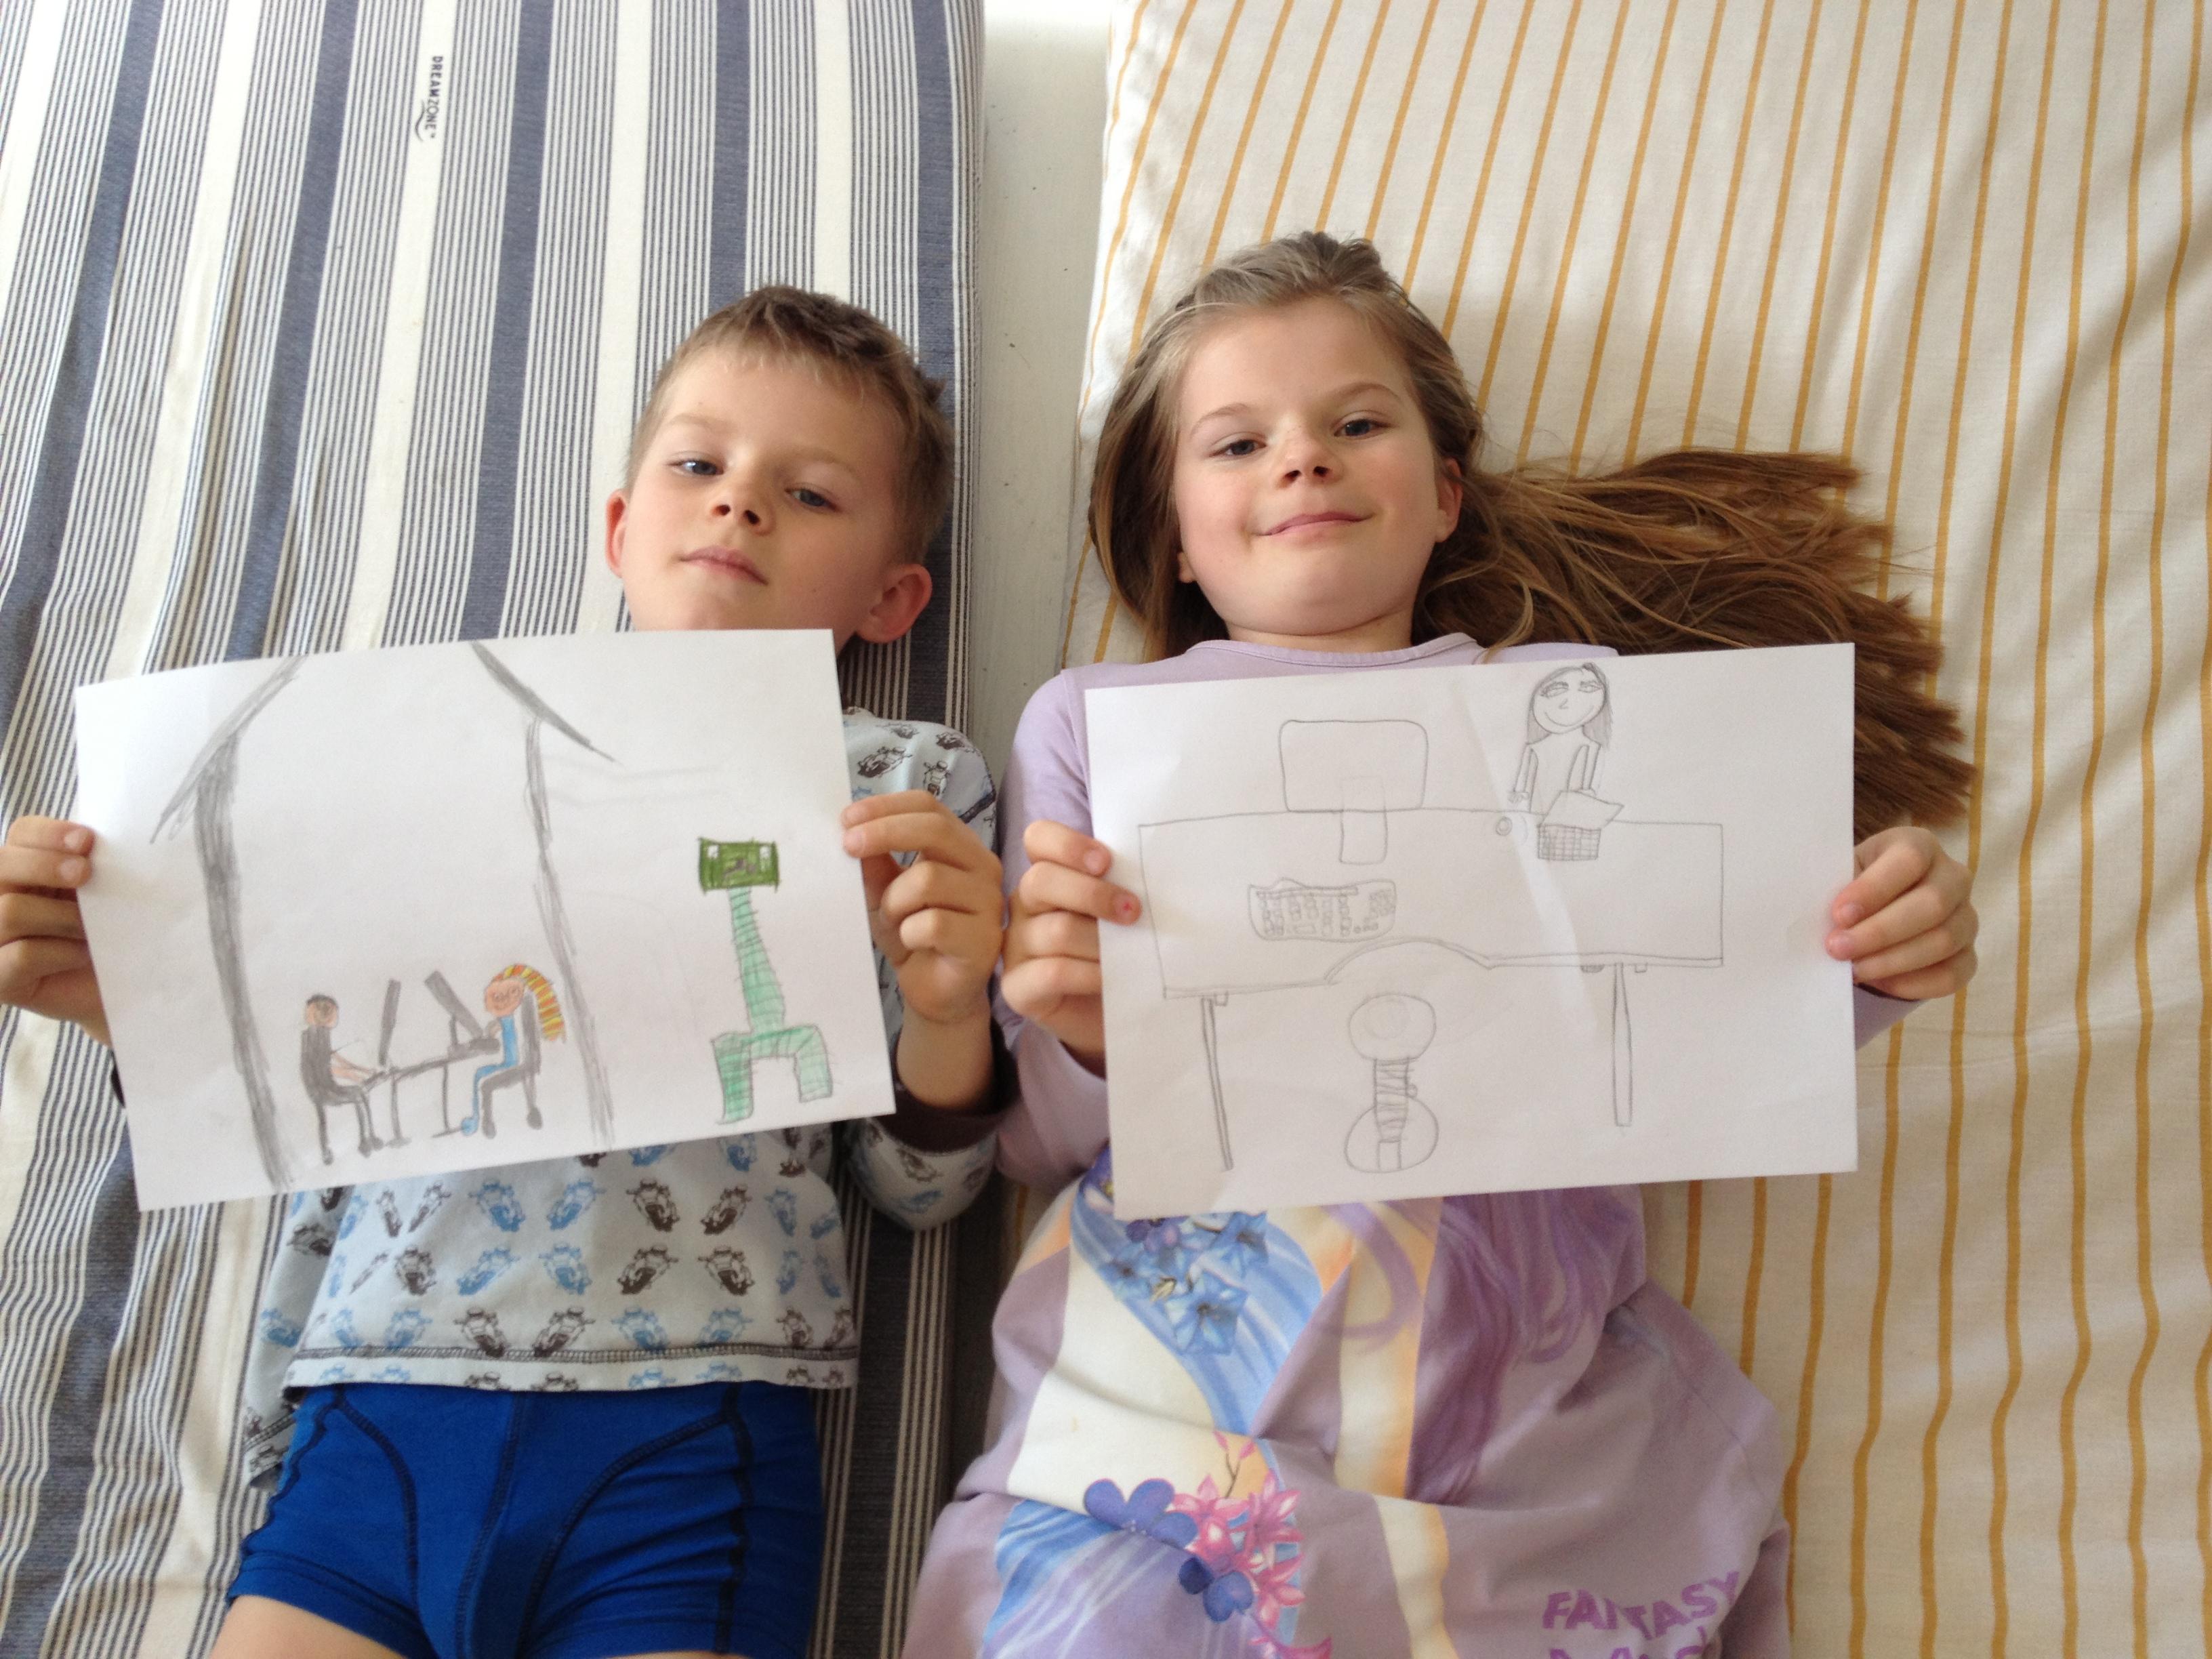 Tegnekonkurrence for børn der er med os   side 2   amino.dk